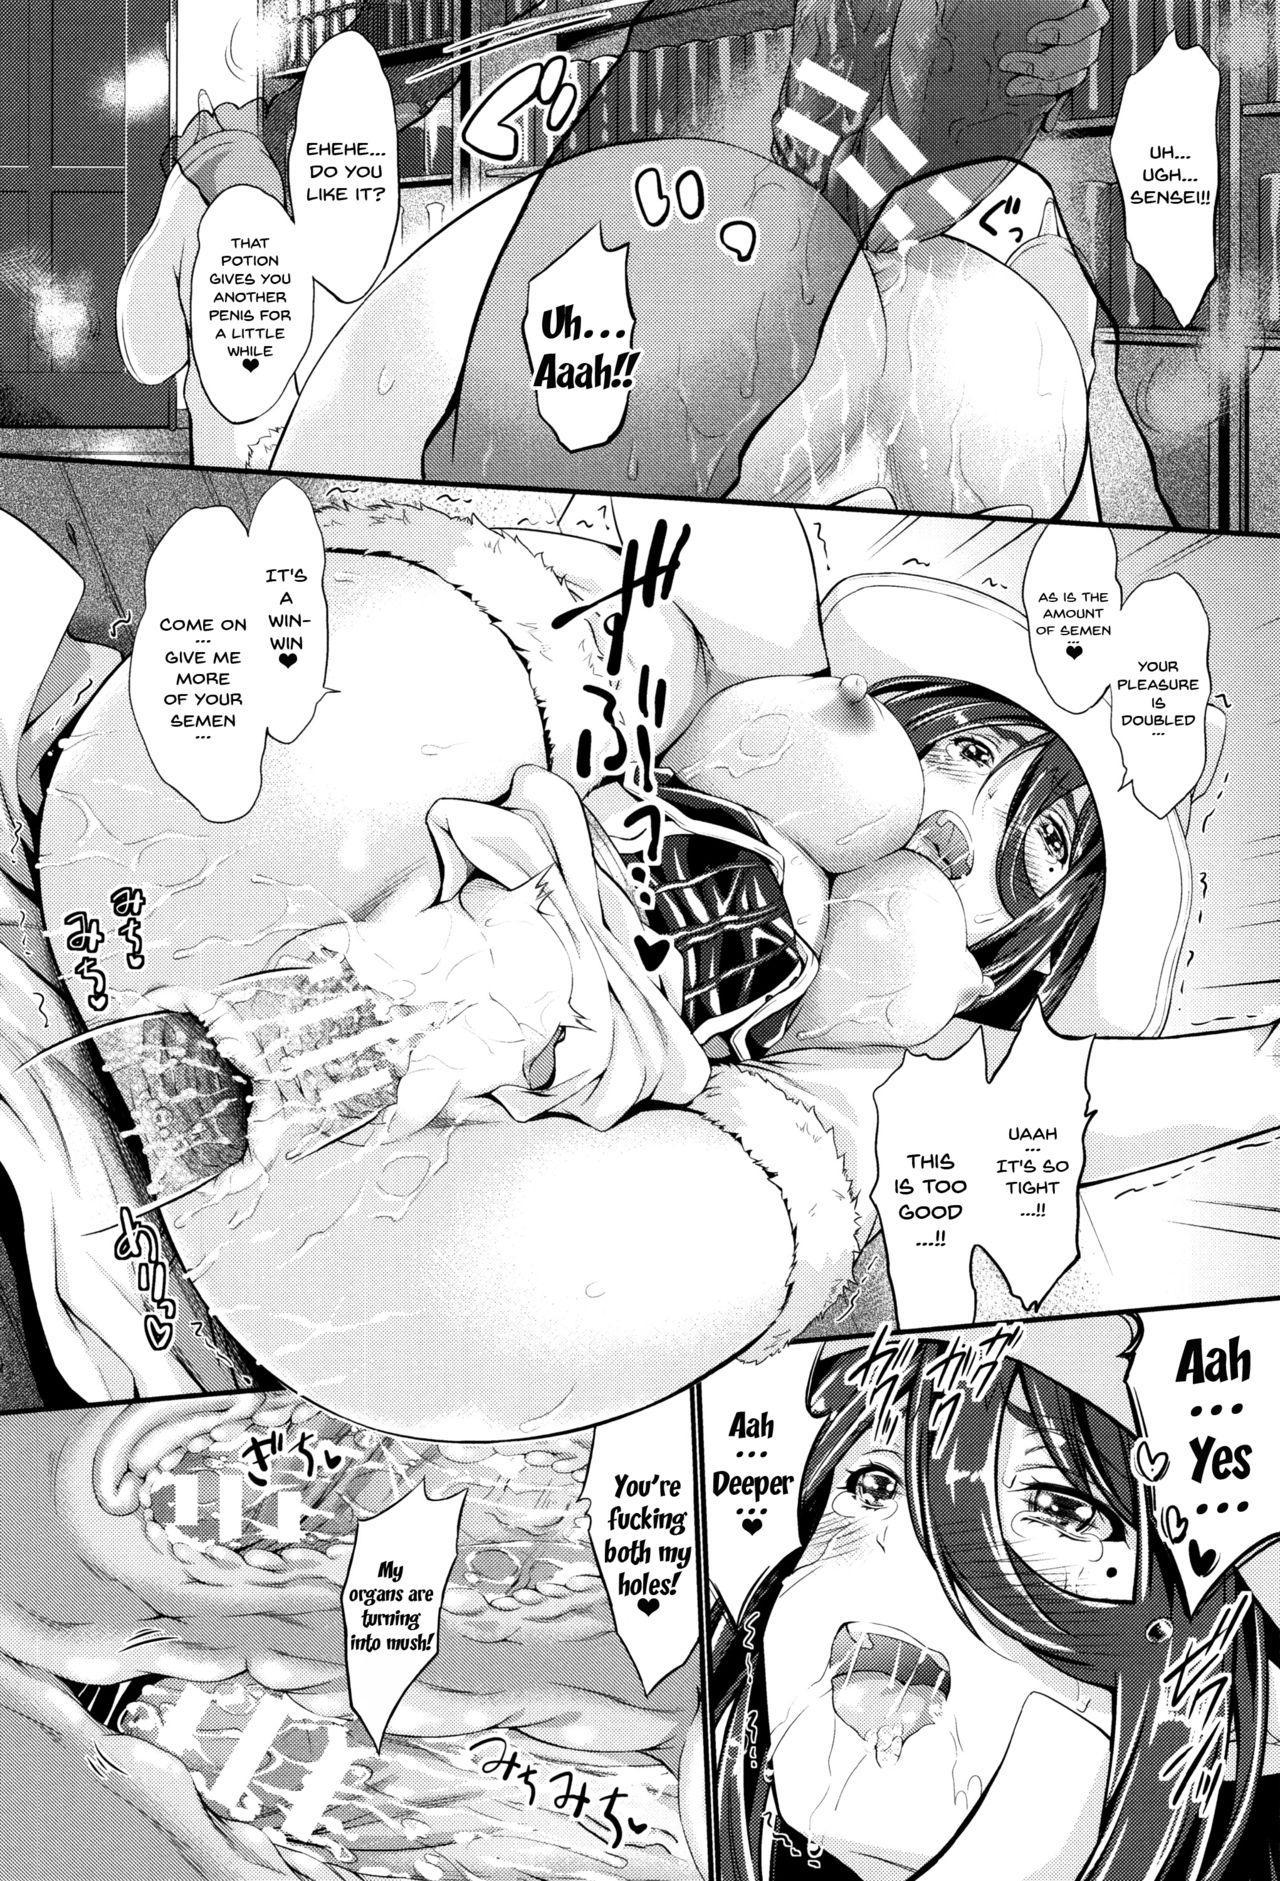 [Kimura Neito] Non-Human Life Ch.1-2 [English] {Doujins.com} 21